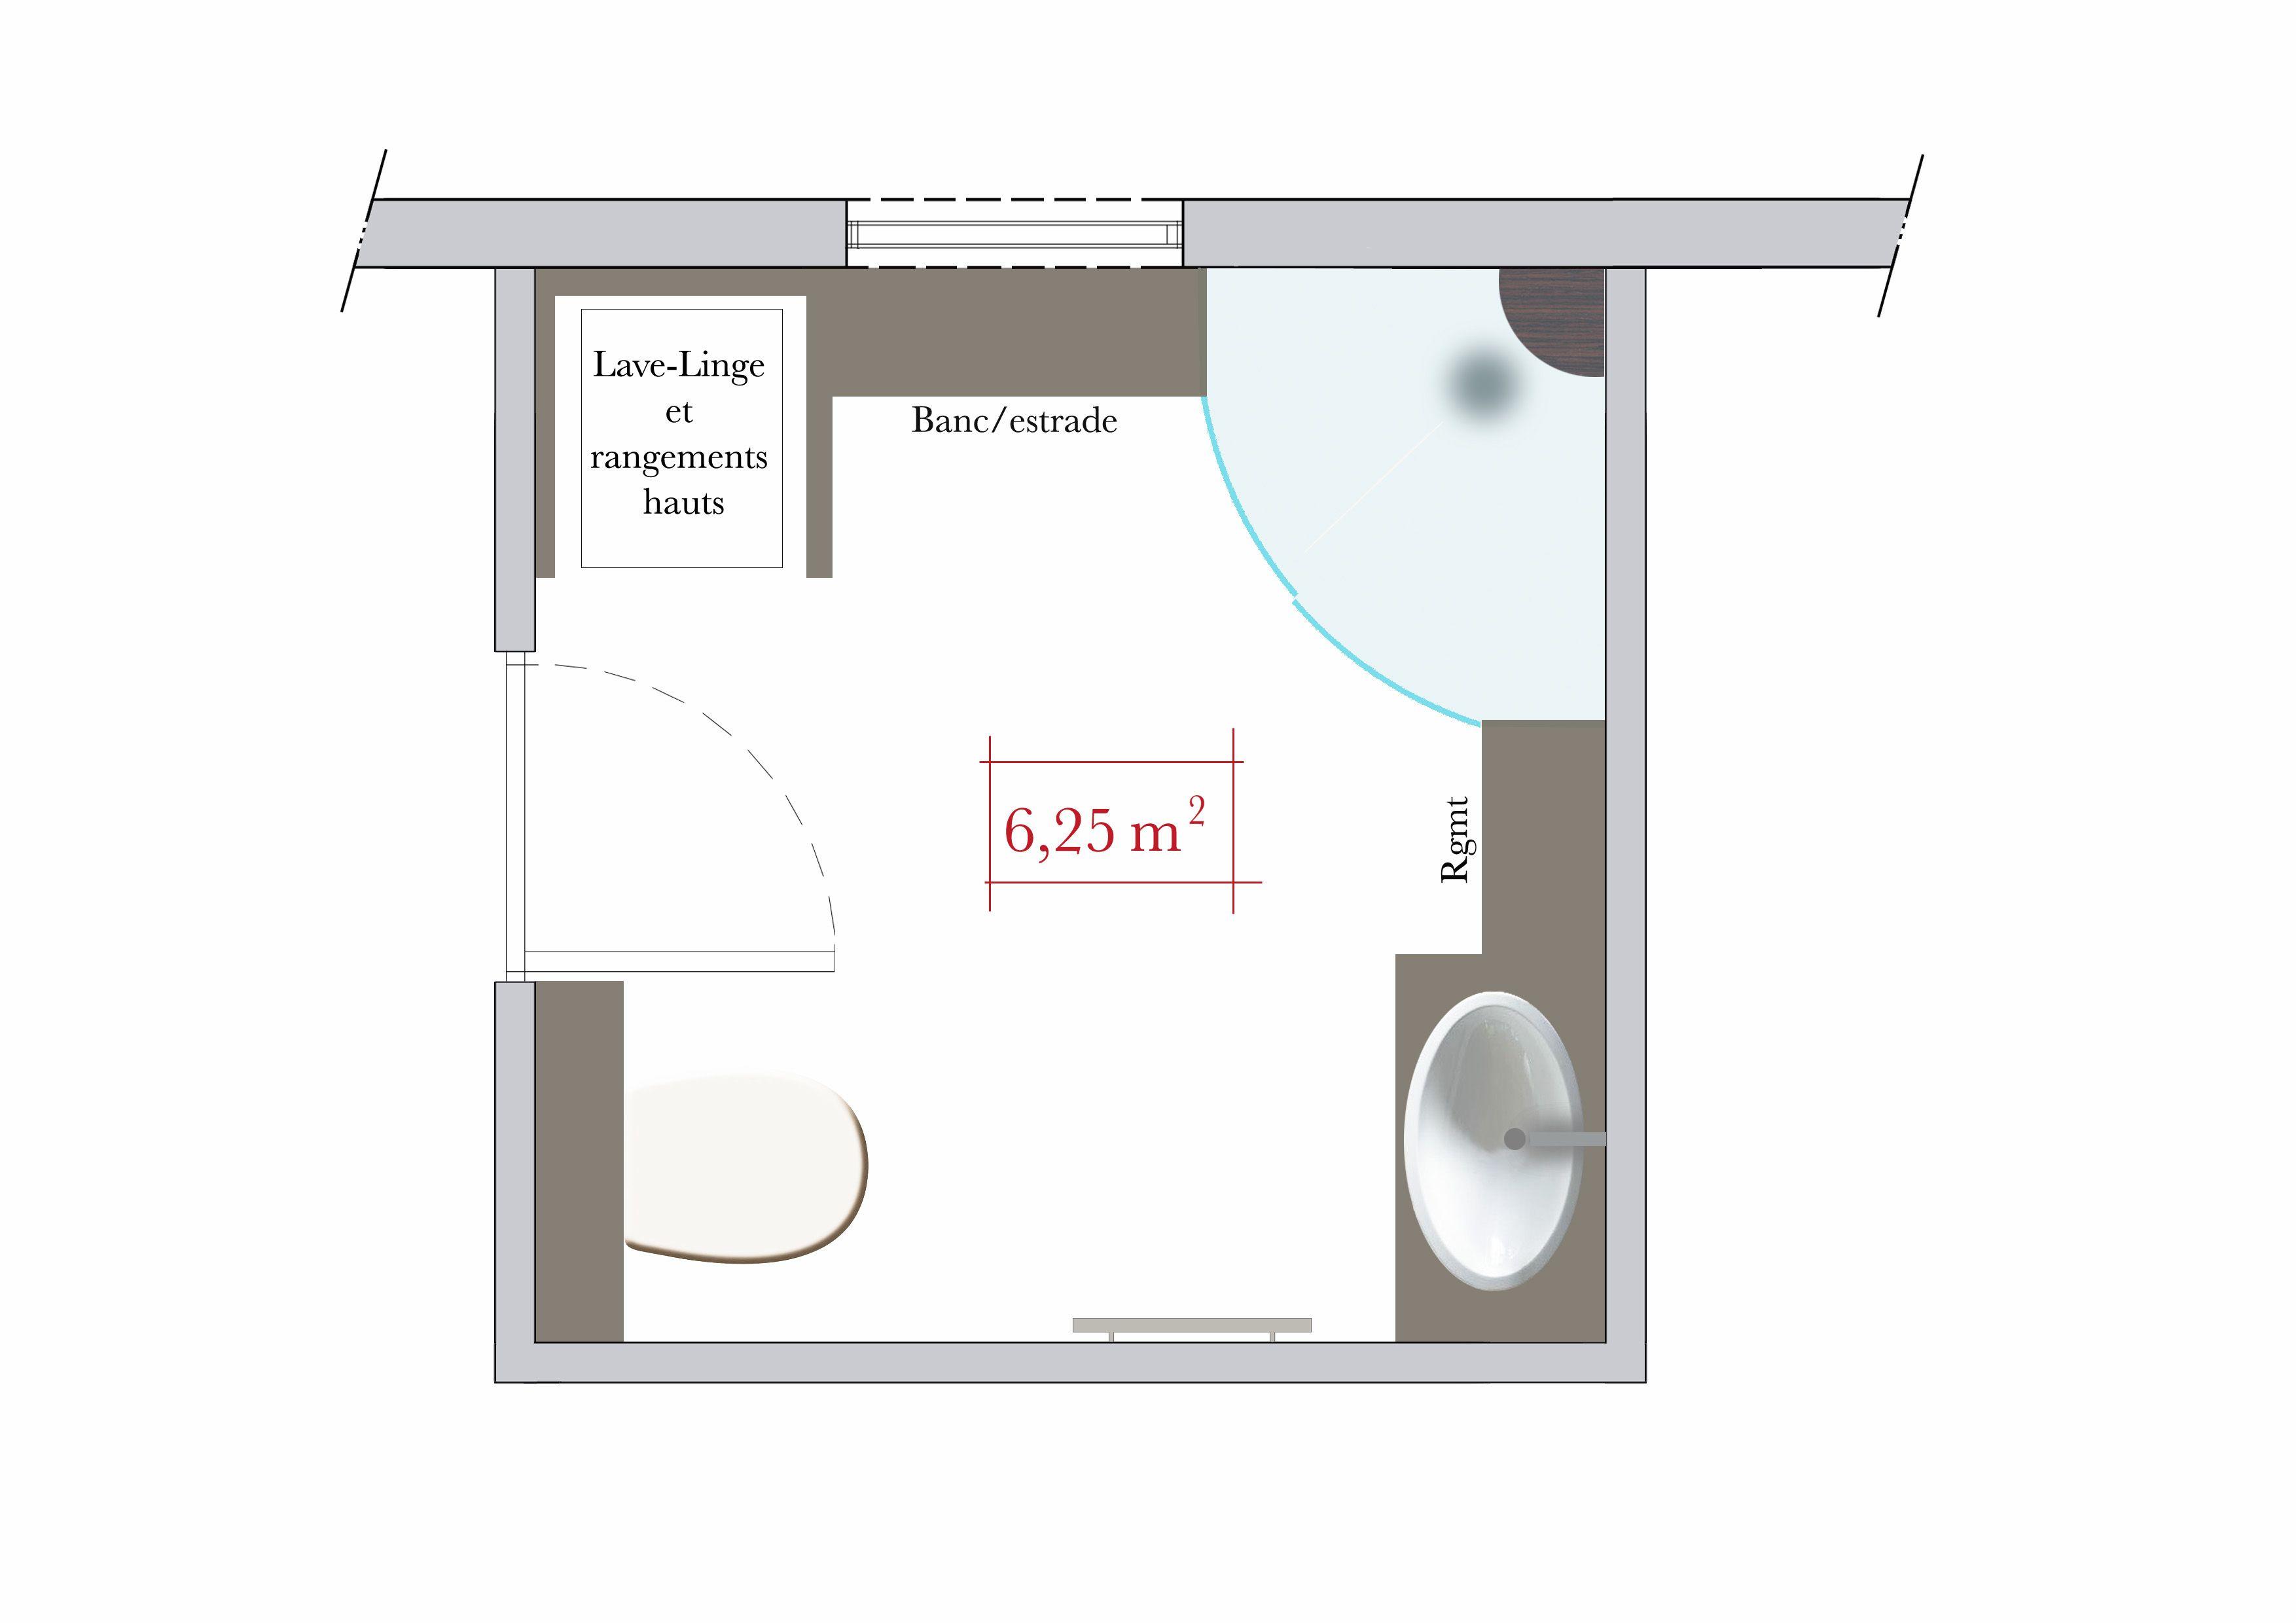 conseils darchitecte 4 plans de salle de bain carre - Plan D Une Salle De Bain